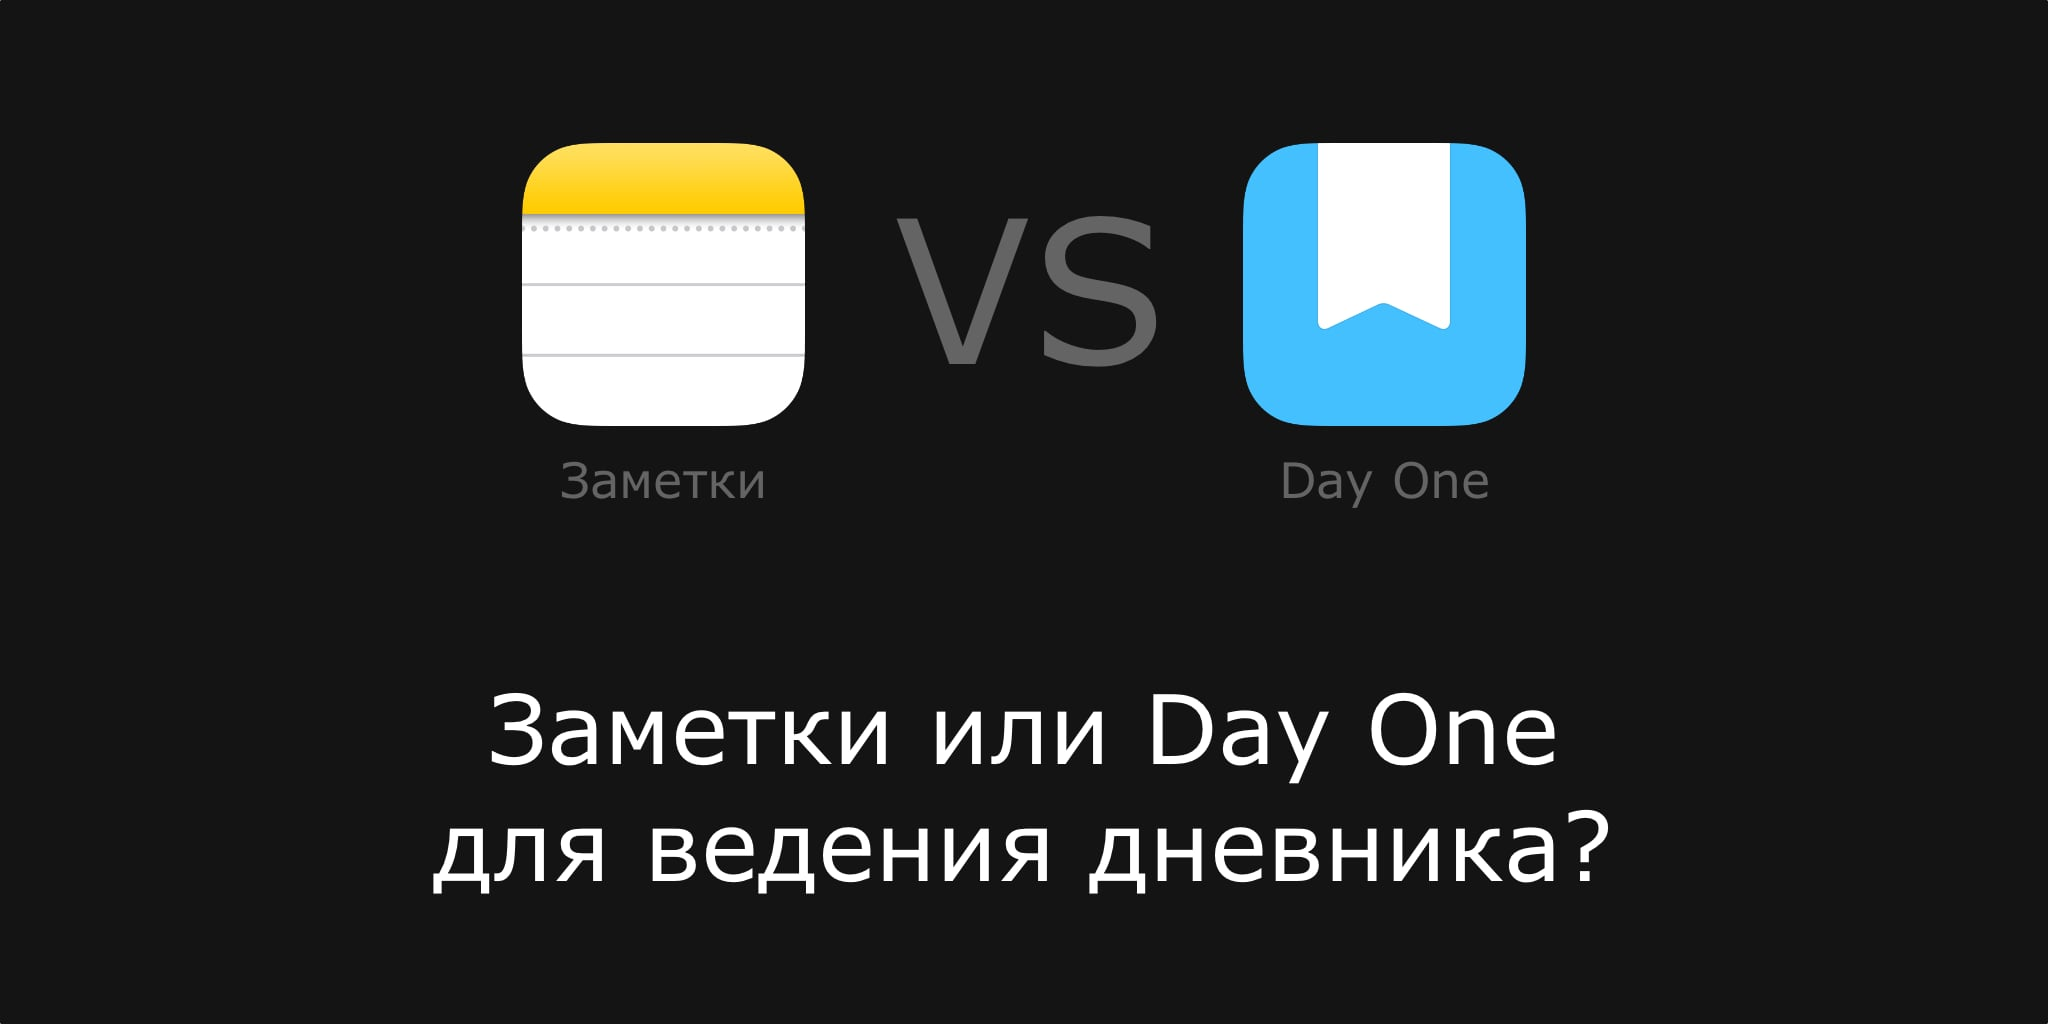 Почему приложение Заметки не подходит для ведения дневника